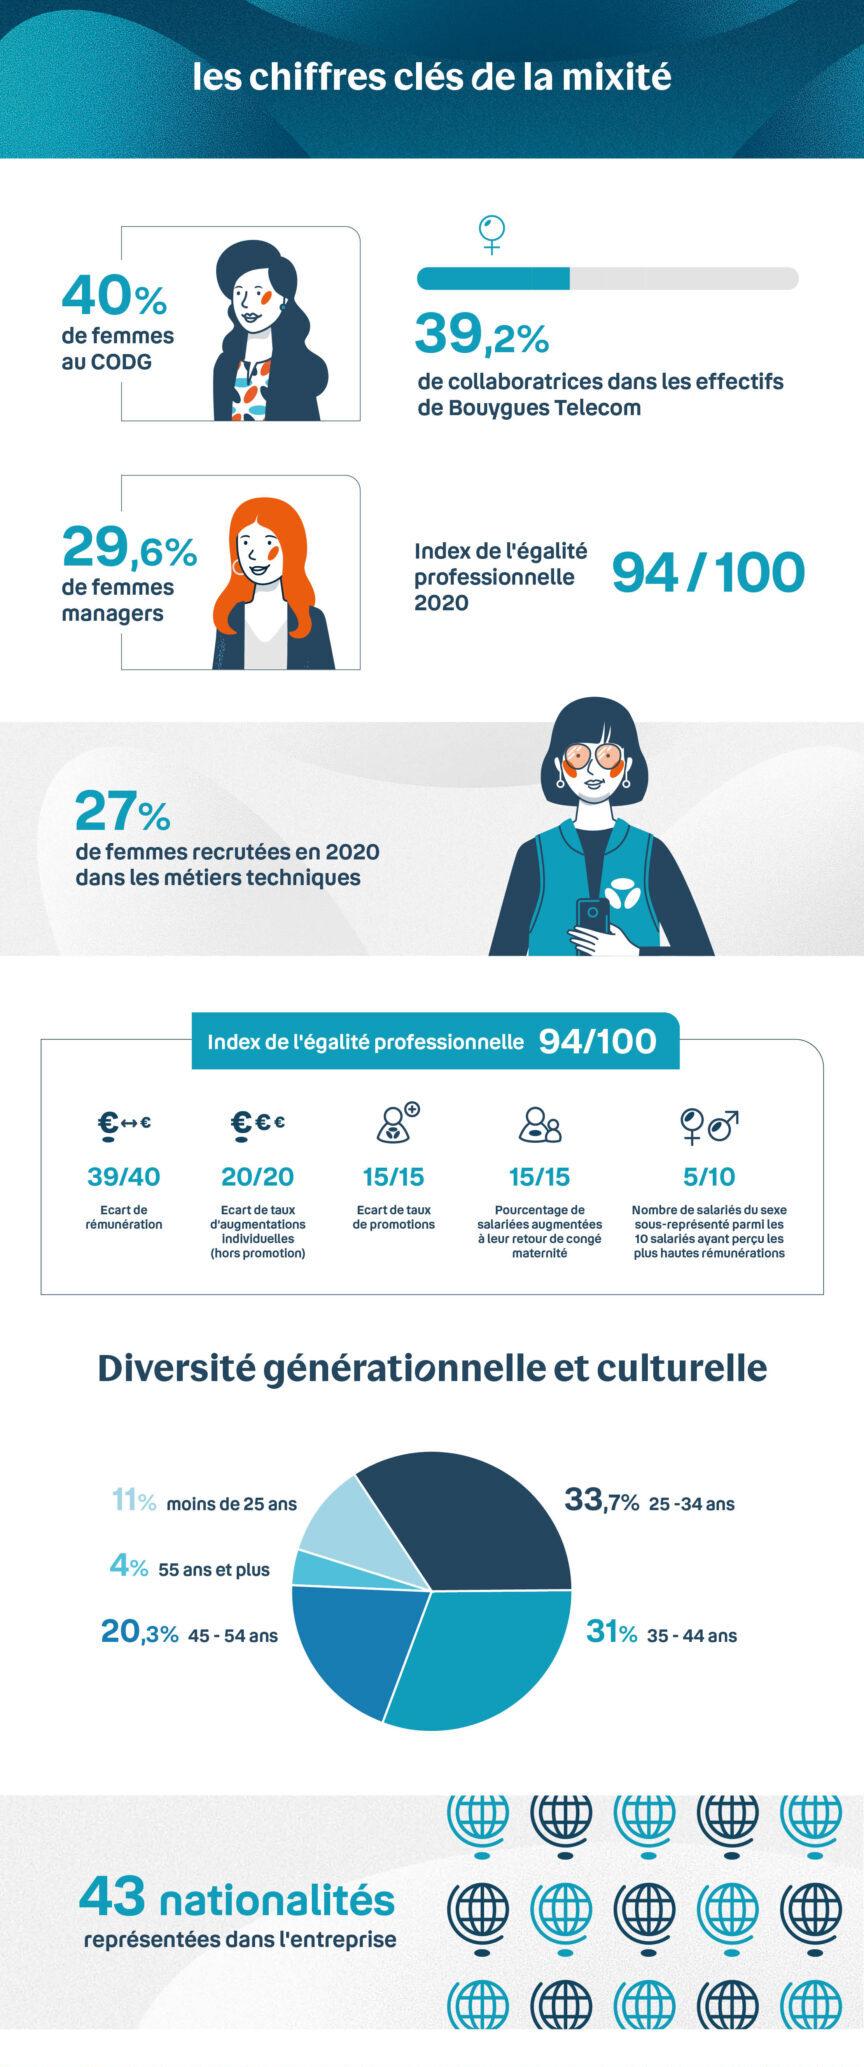 Infographie sur les chiffres clés de la mixité chez Bouygues Telecom en 2021